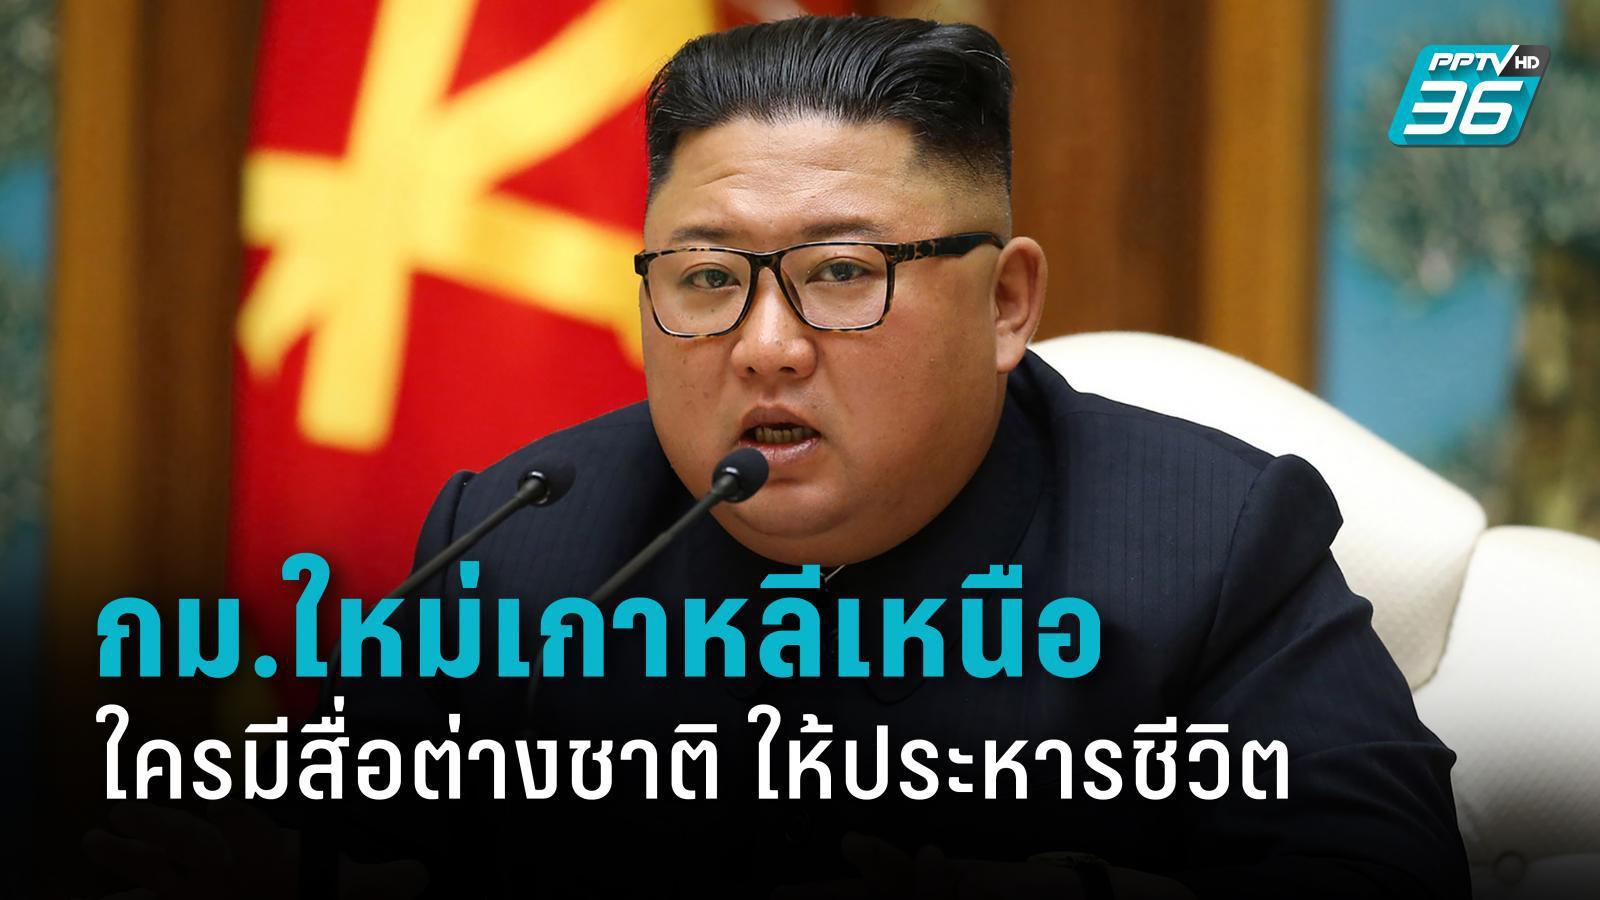 เกาหลีเหนือออกกฎหมายใหม่ ครอบครองสื่อต่างประเทศโทษถึงประหารชีวิต